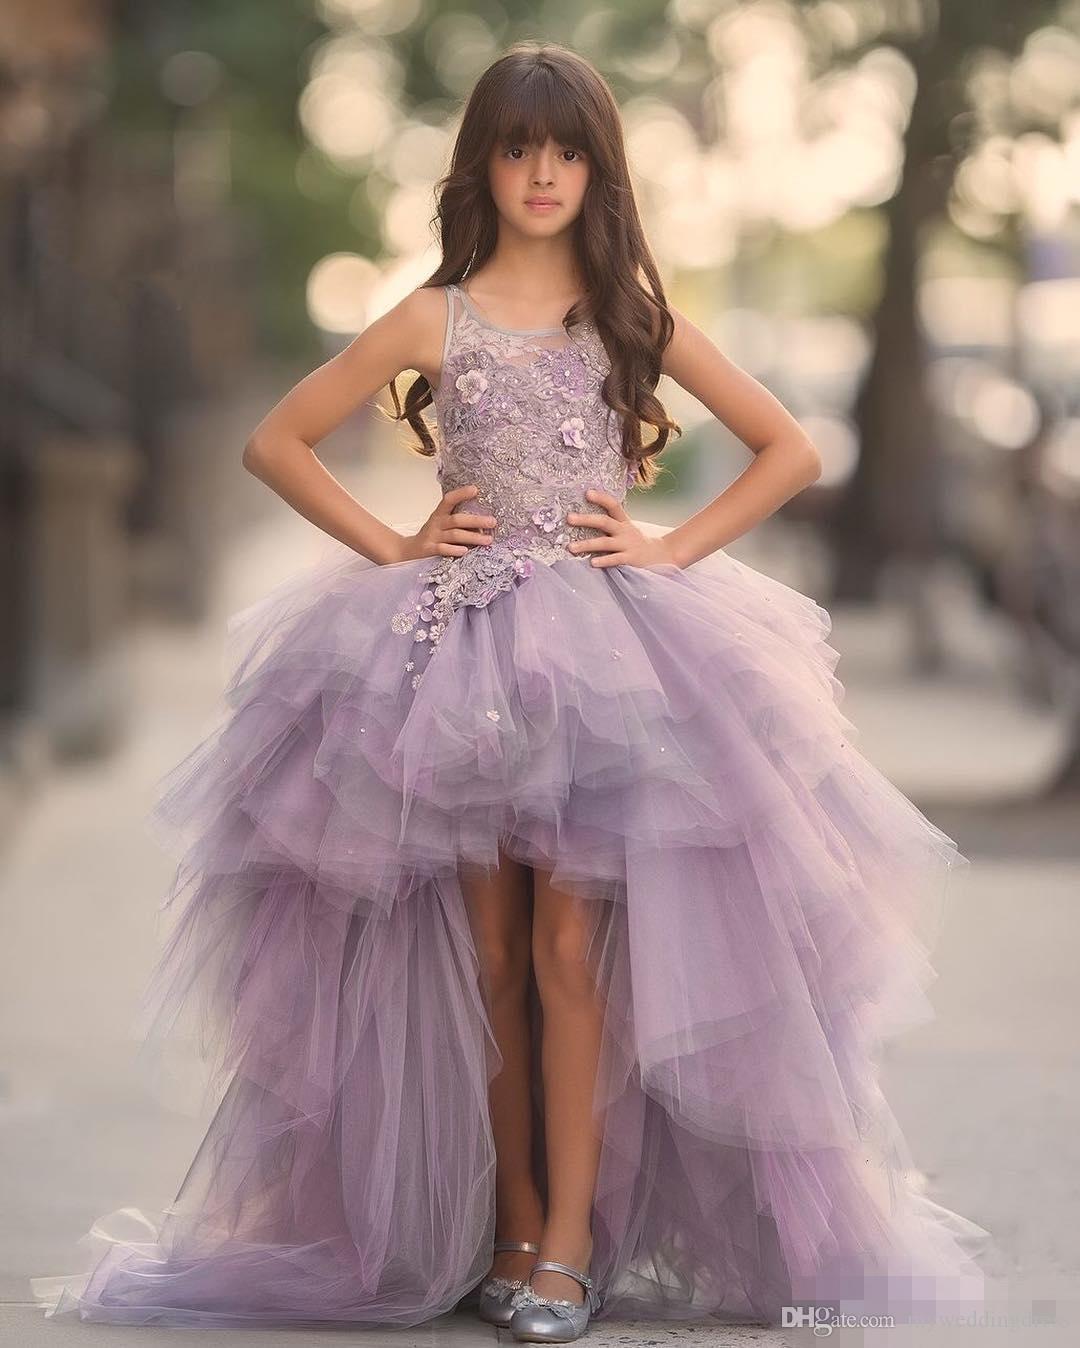 Flower girl dresses for teens wedding dresses flower girl dresses for teens 24 izmirmasajfo